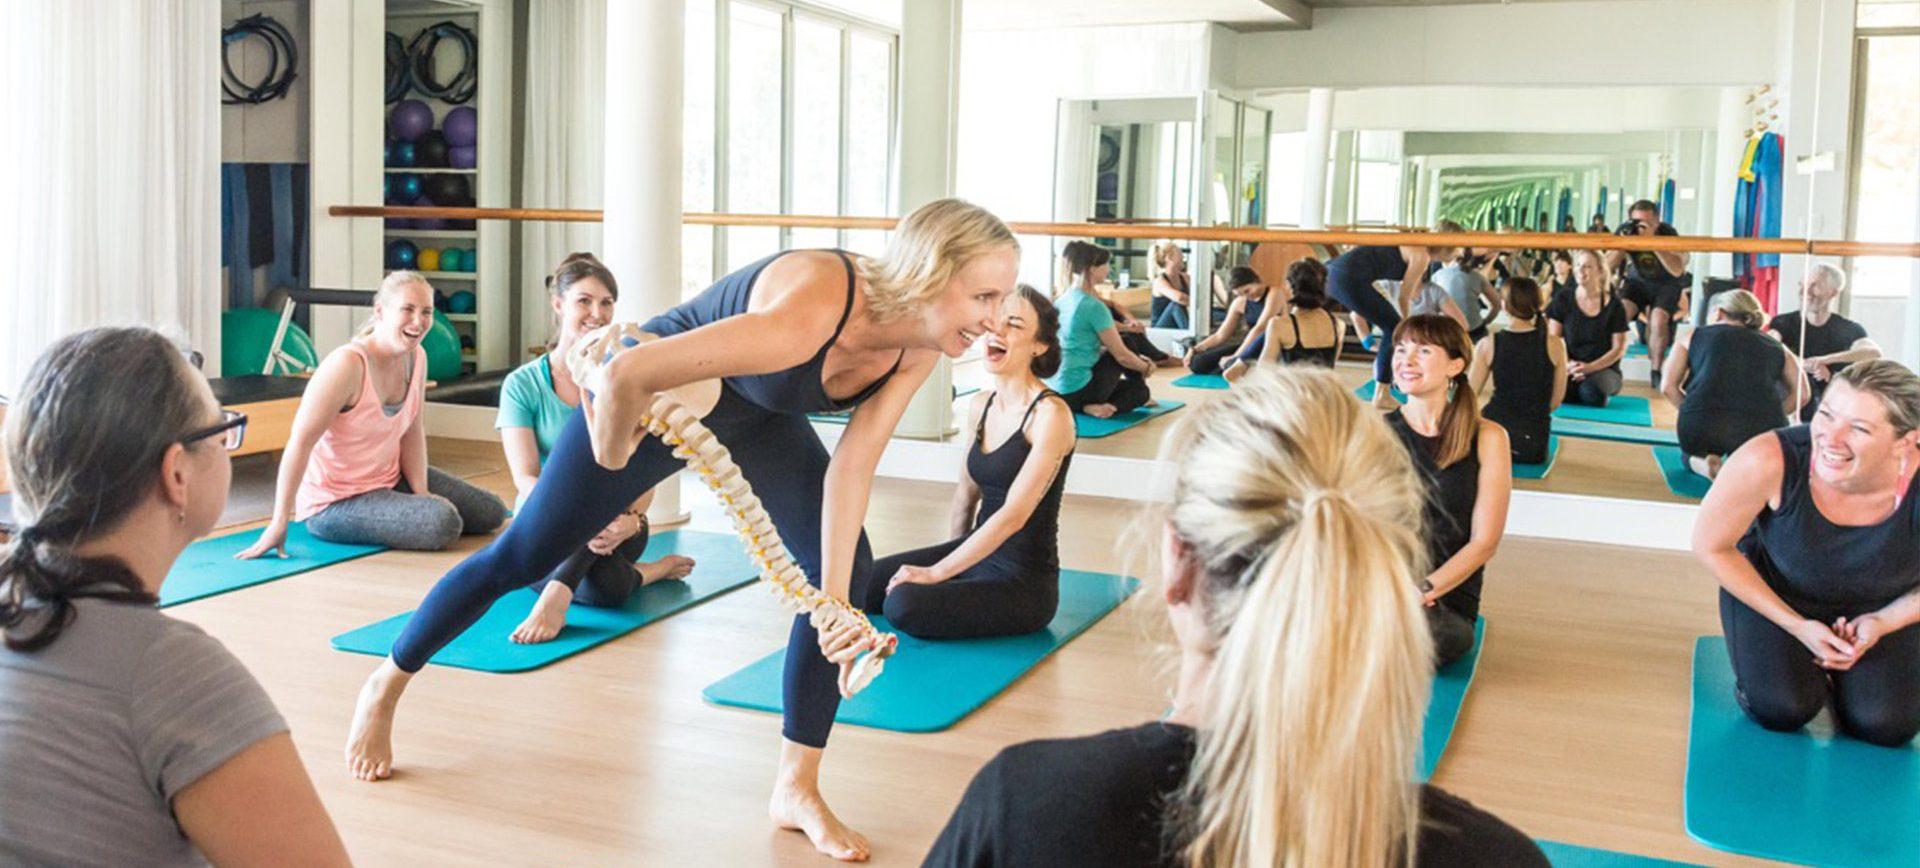 Pilates Cape Town image